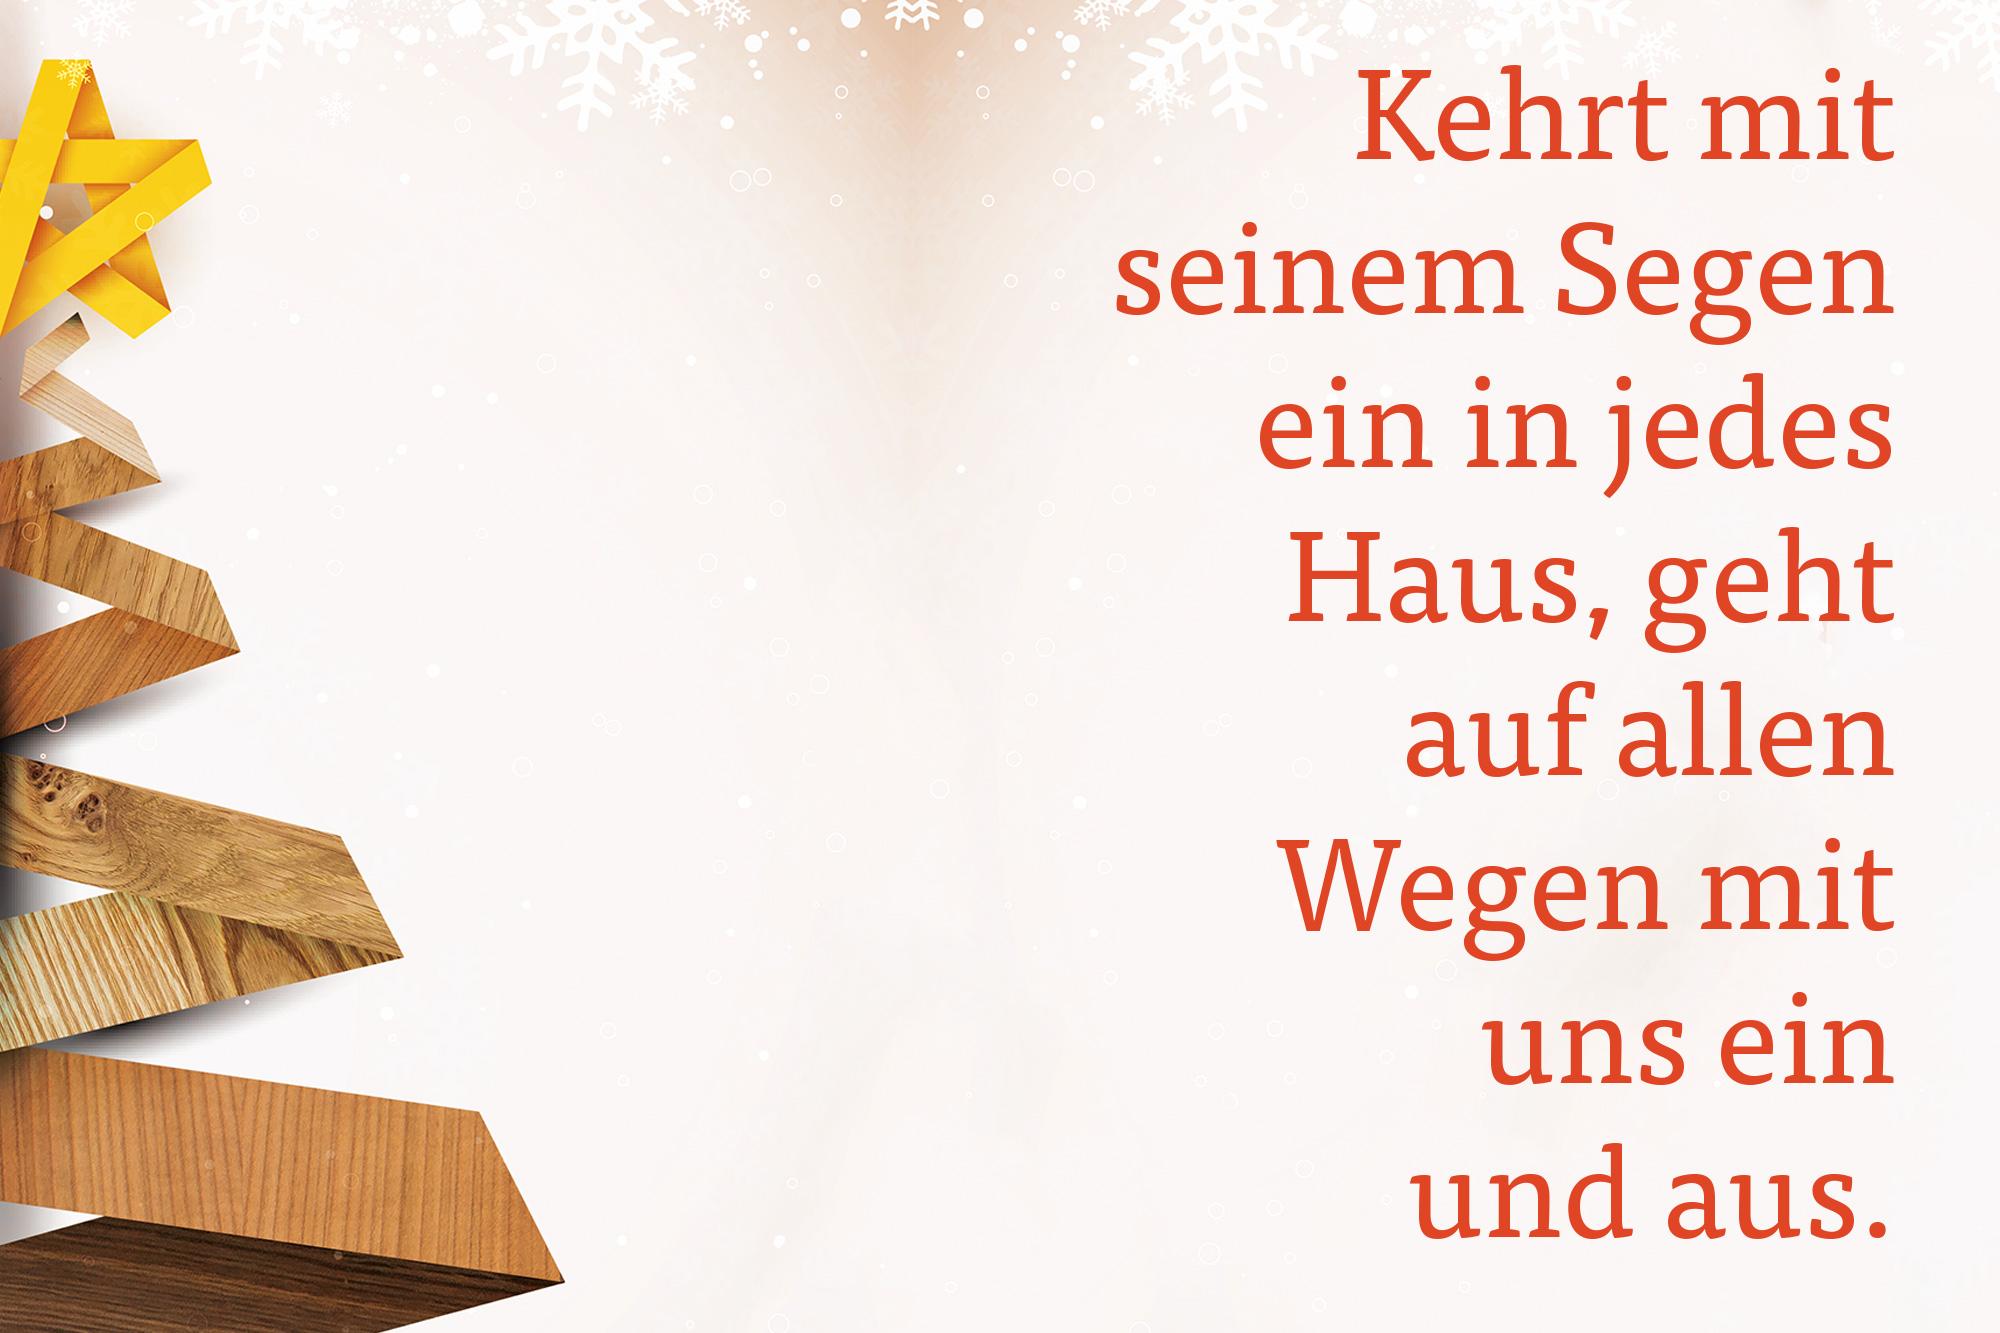 schnurr-die-raummoebelbauer-froehliche-weihnachten